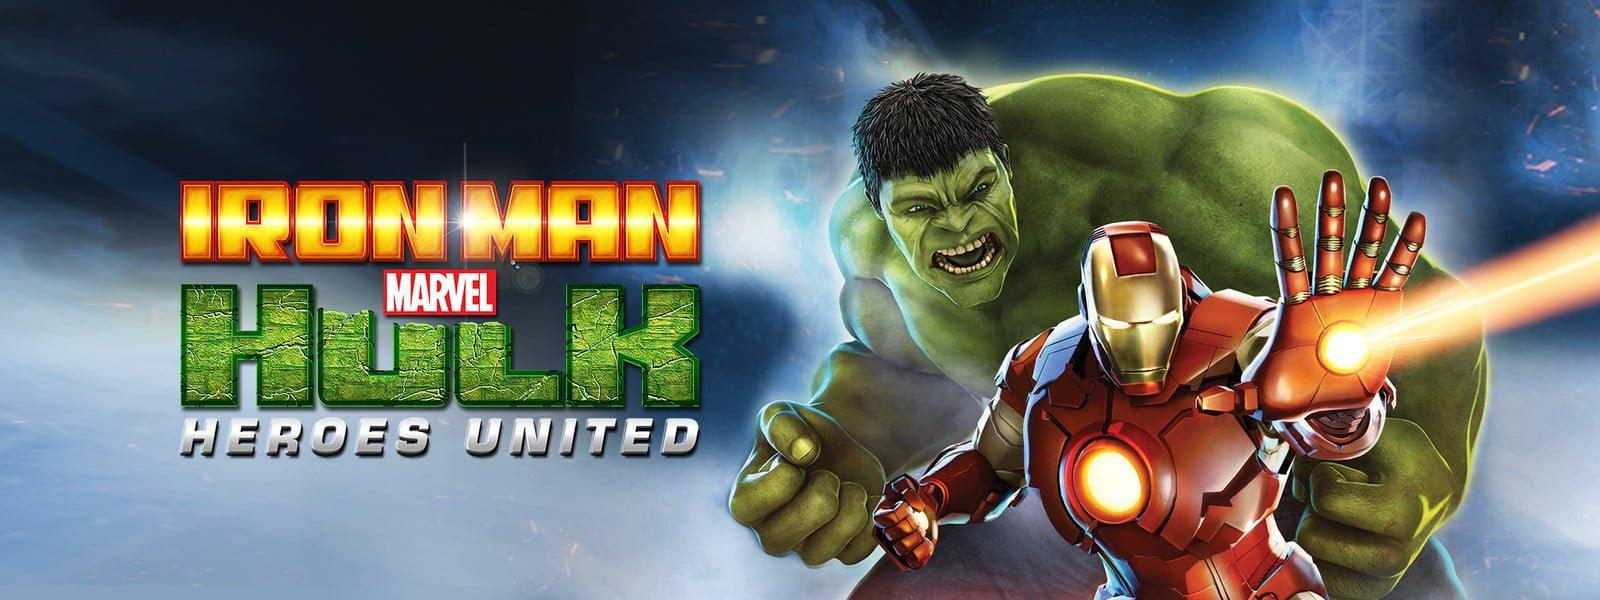 アイアンマン & ハルク:奇跡のタッグ